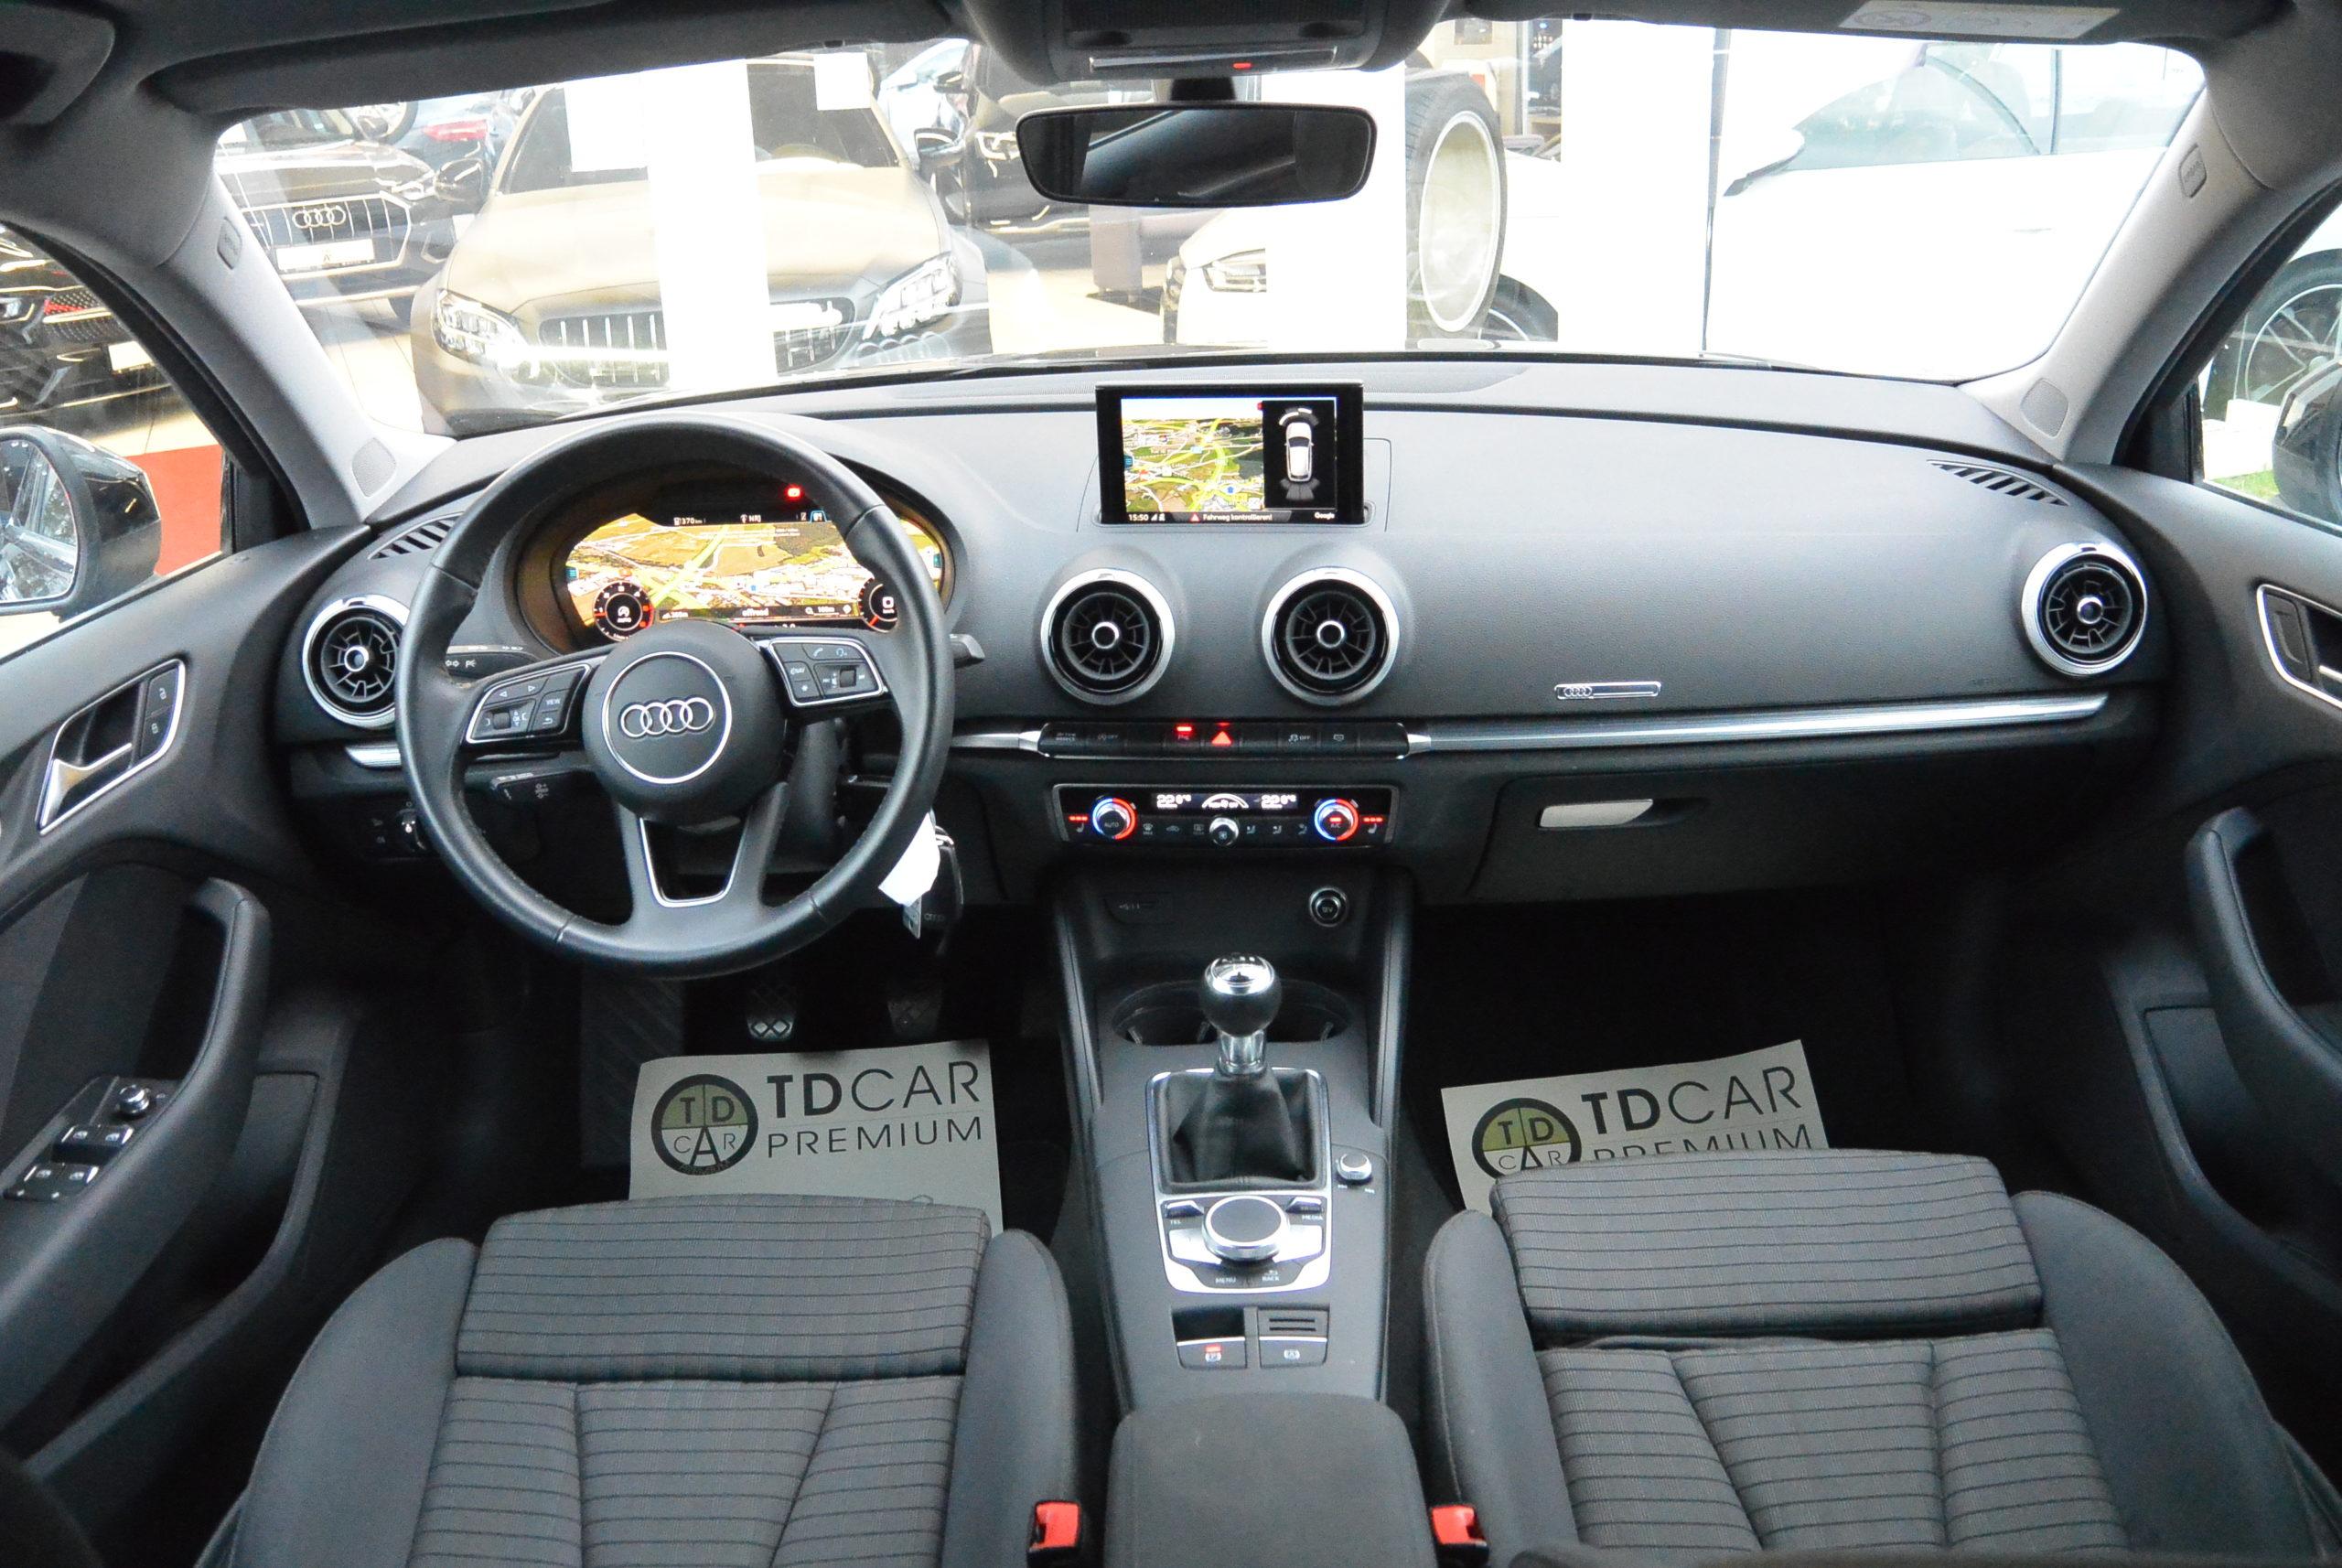 Audi A3 Sportback 30 Tdi 116 Sport Virtual Cockpit - TD ...